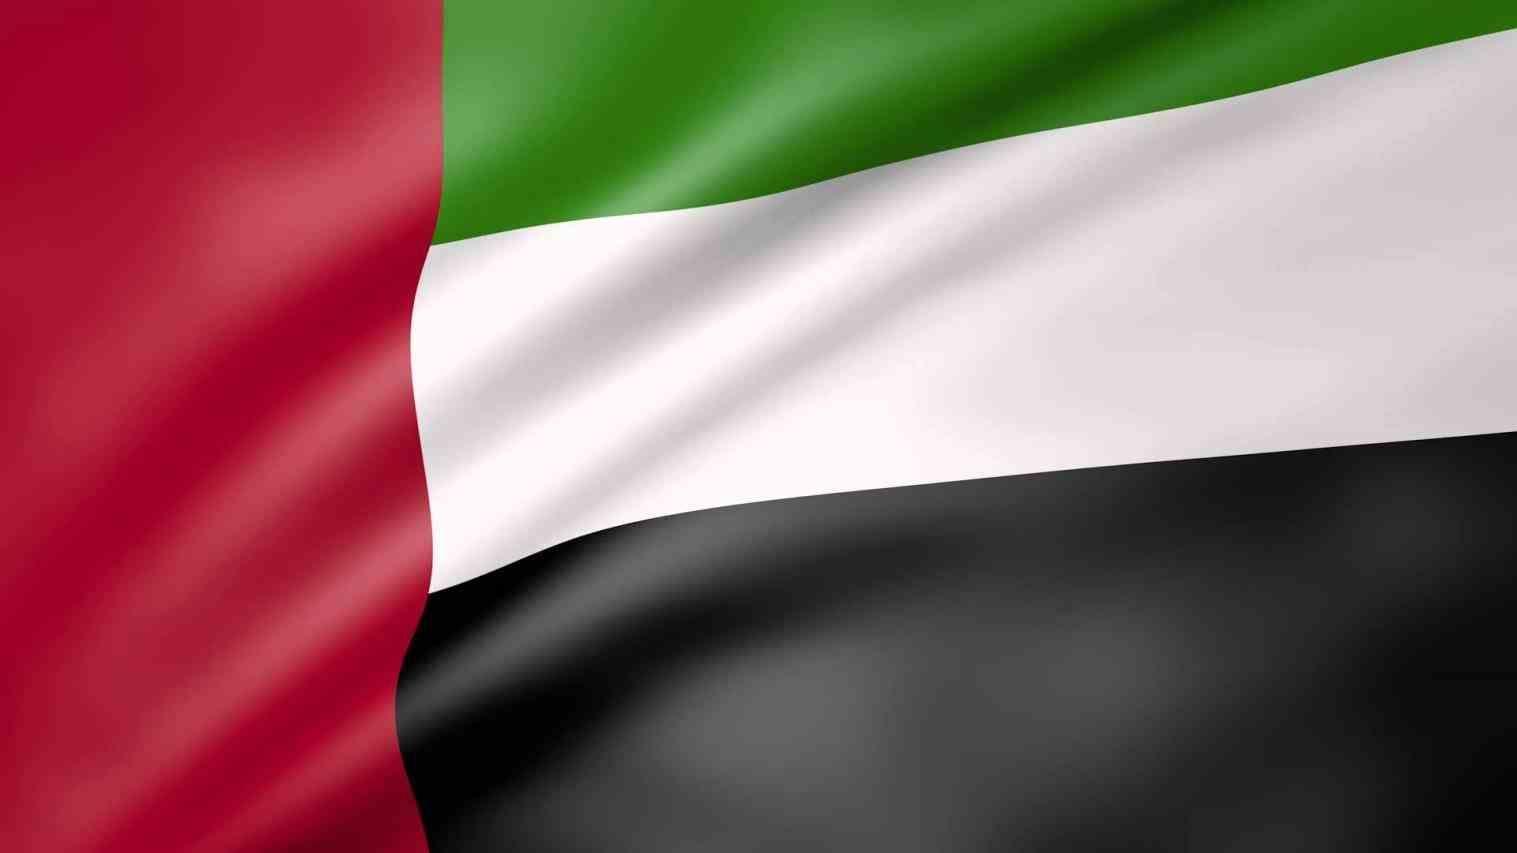 arab emirates flag animated youtube file map of the svg ...Uae Flag Animation